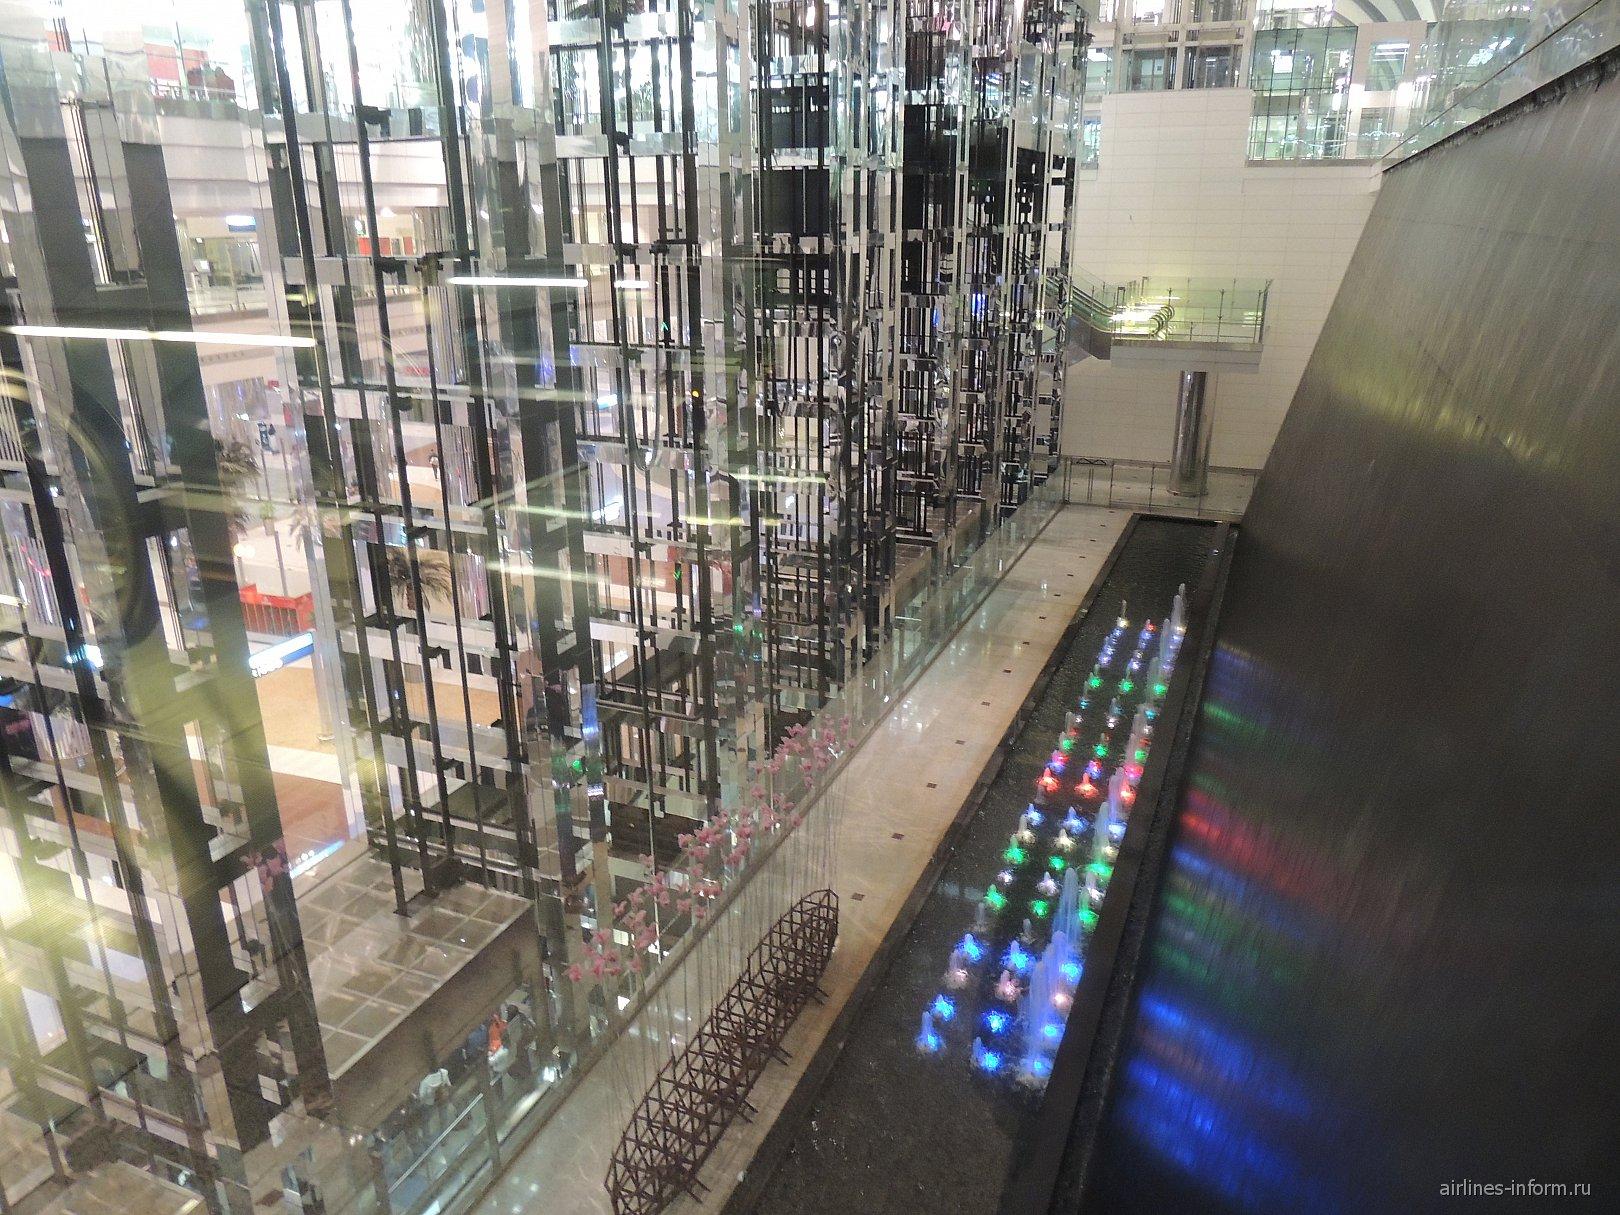 Водопад и лифты в аэропорту Дубай